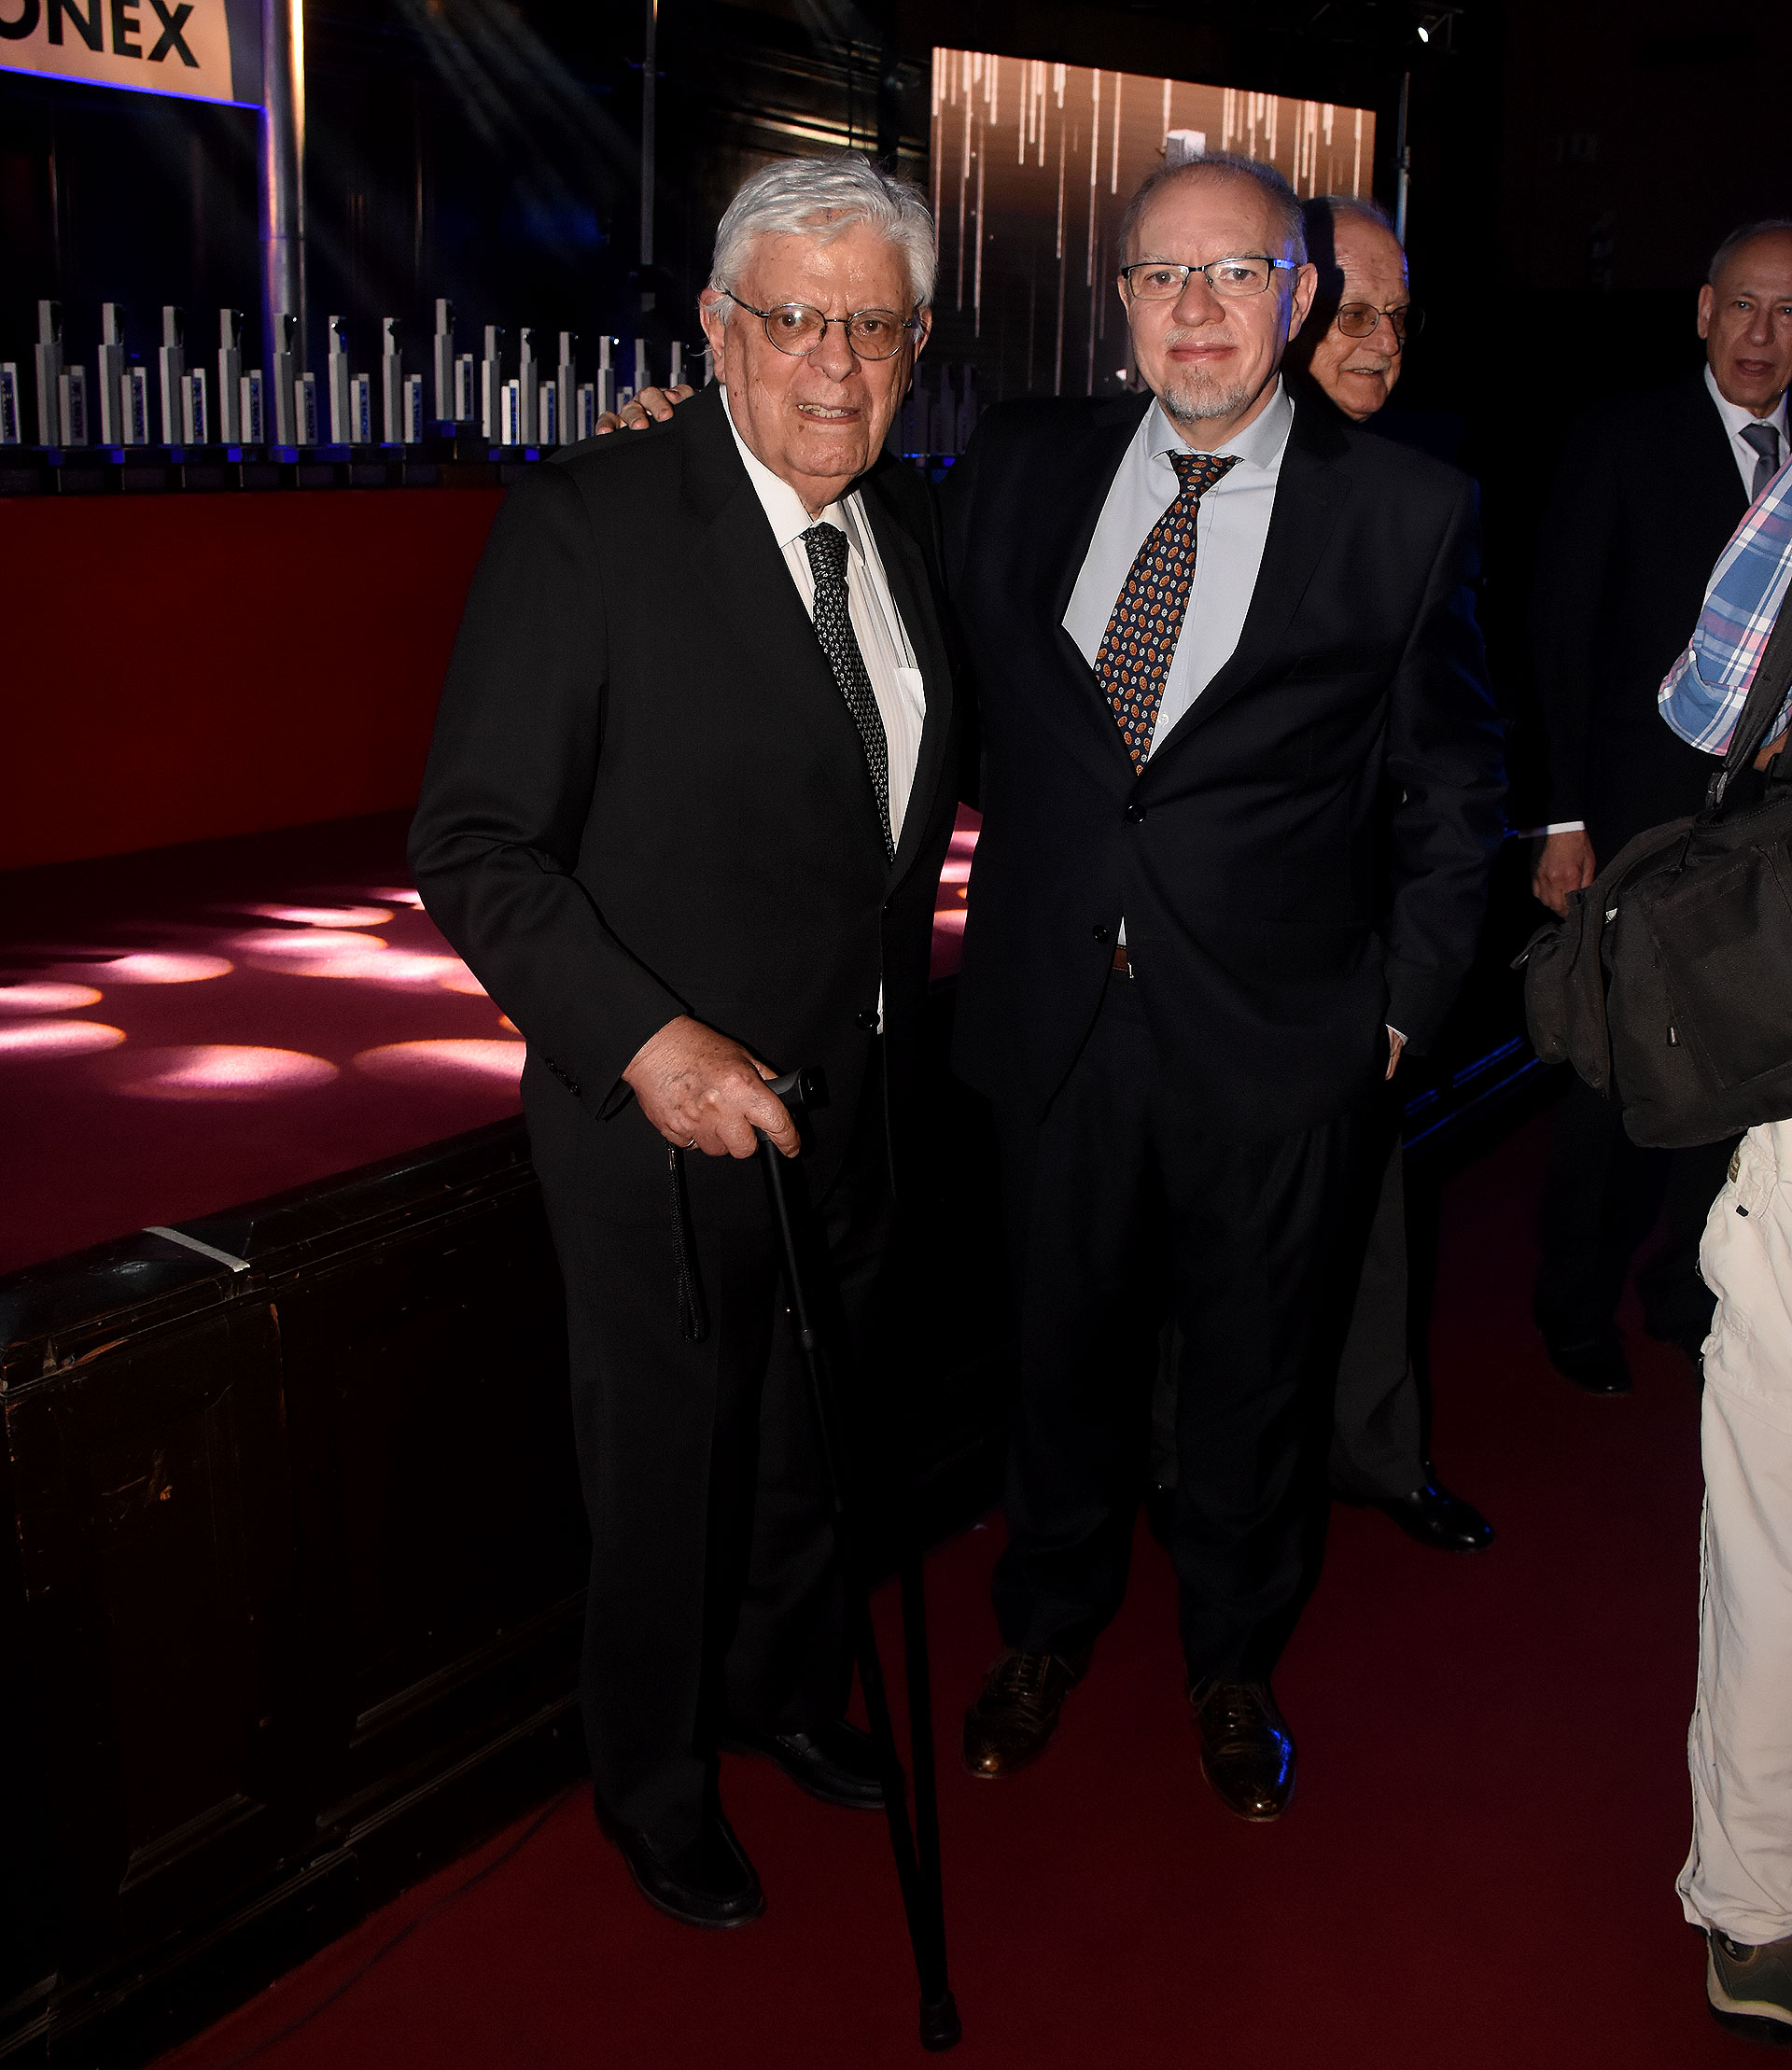 Hermenegildo Sábat y Jorge Fernández Díaz